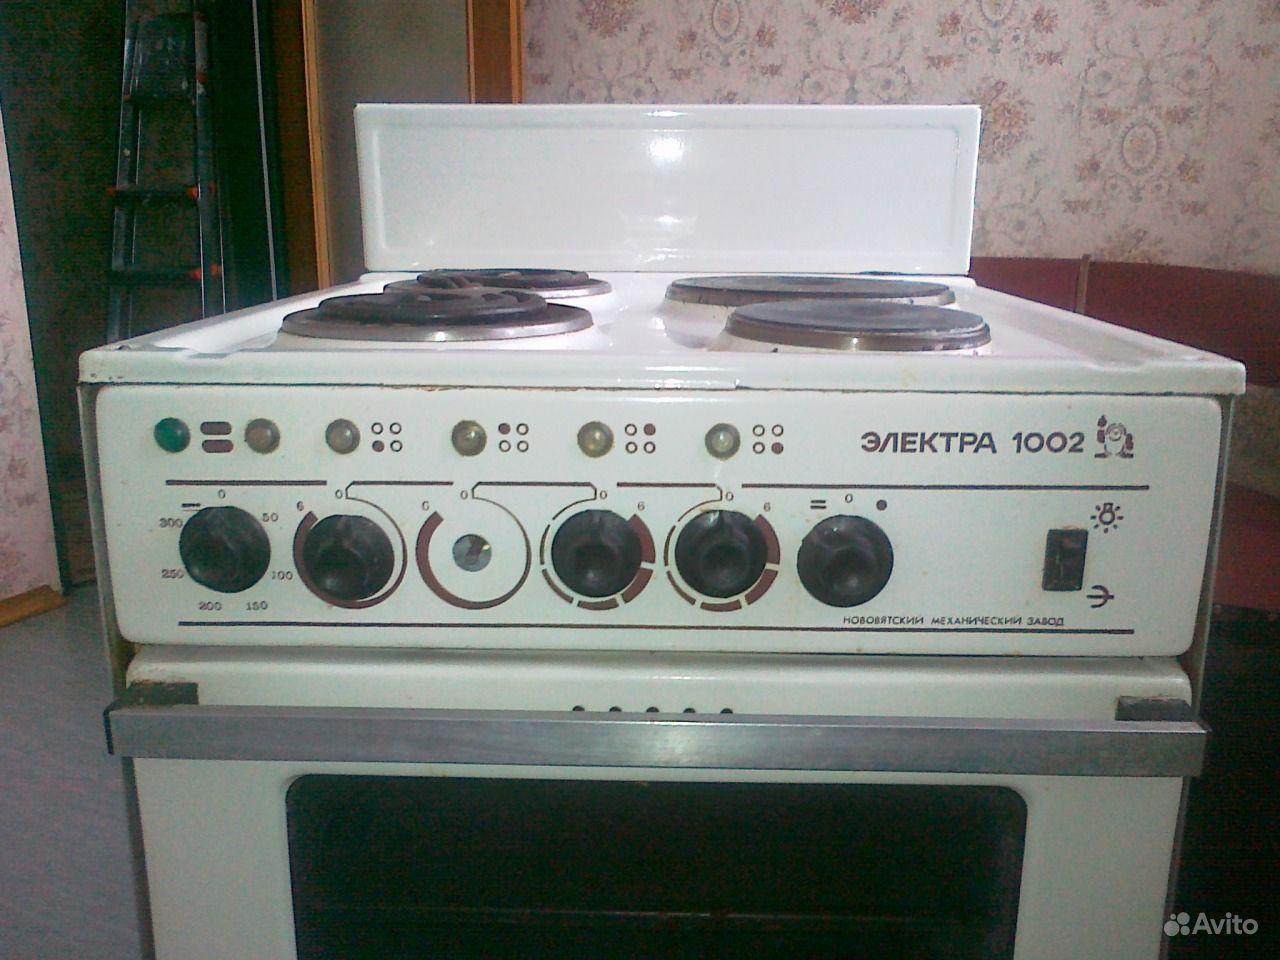 Плиты Москва: продать, купить плиту(электрическую